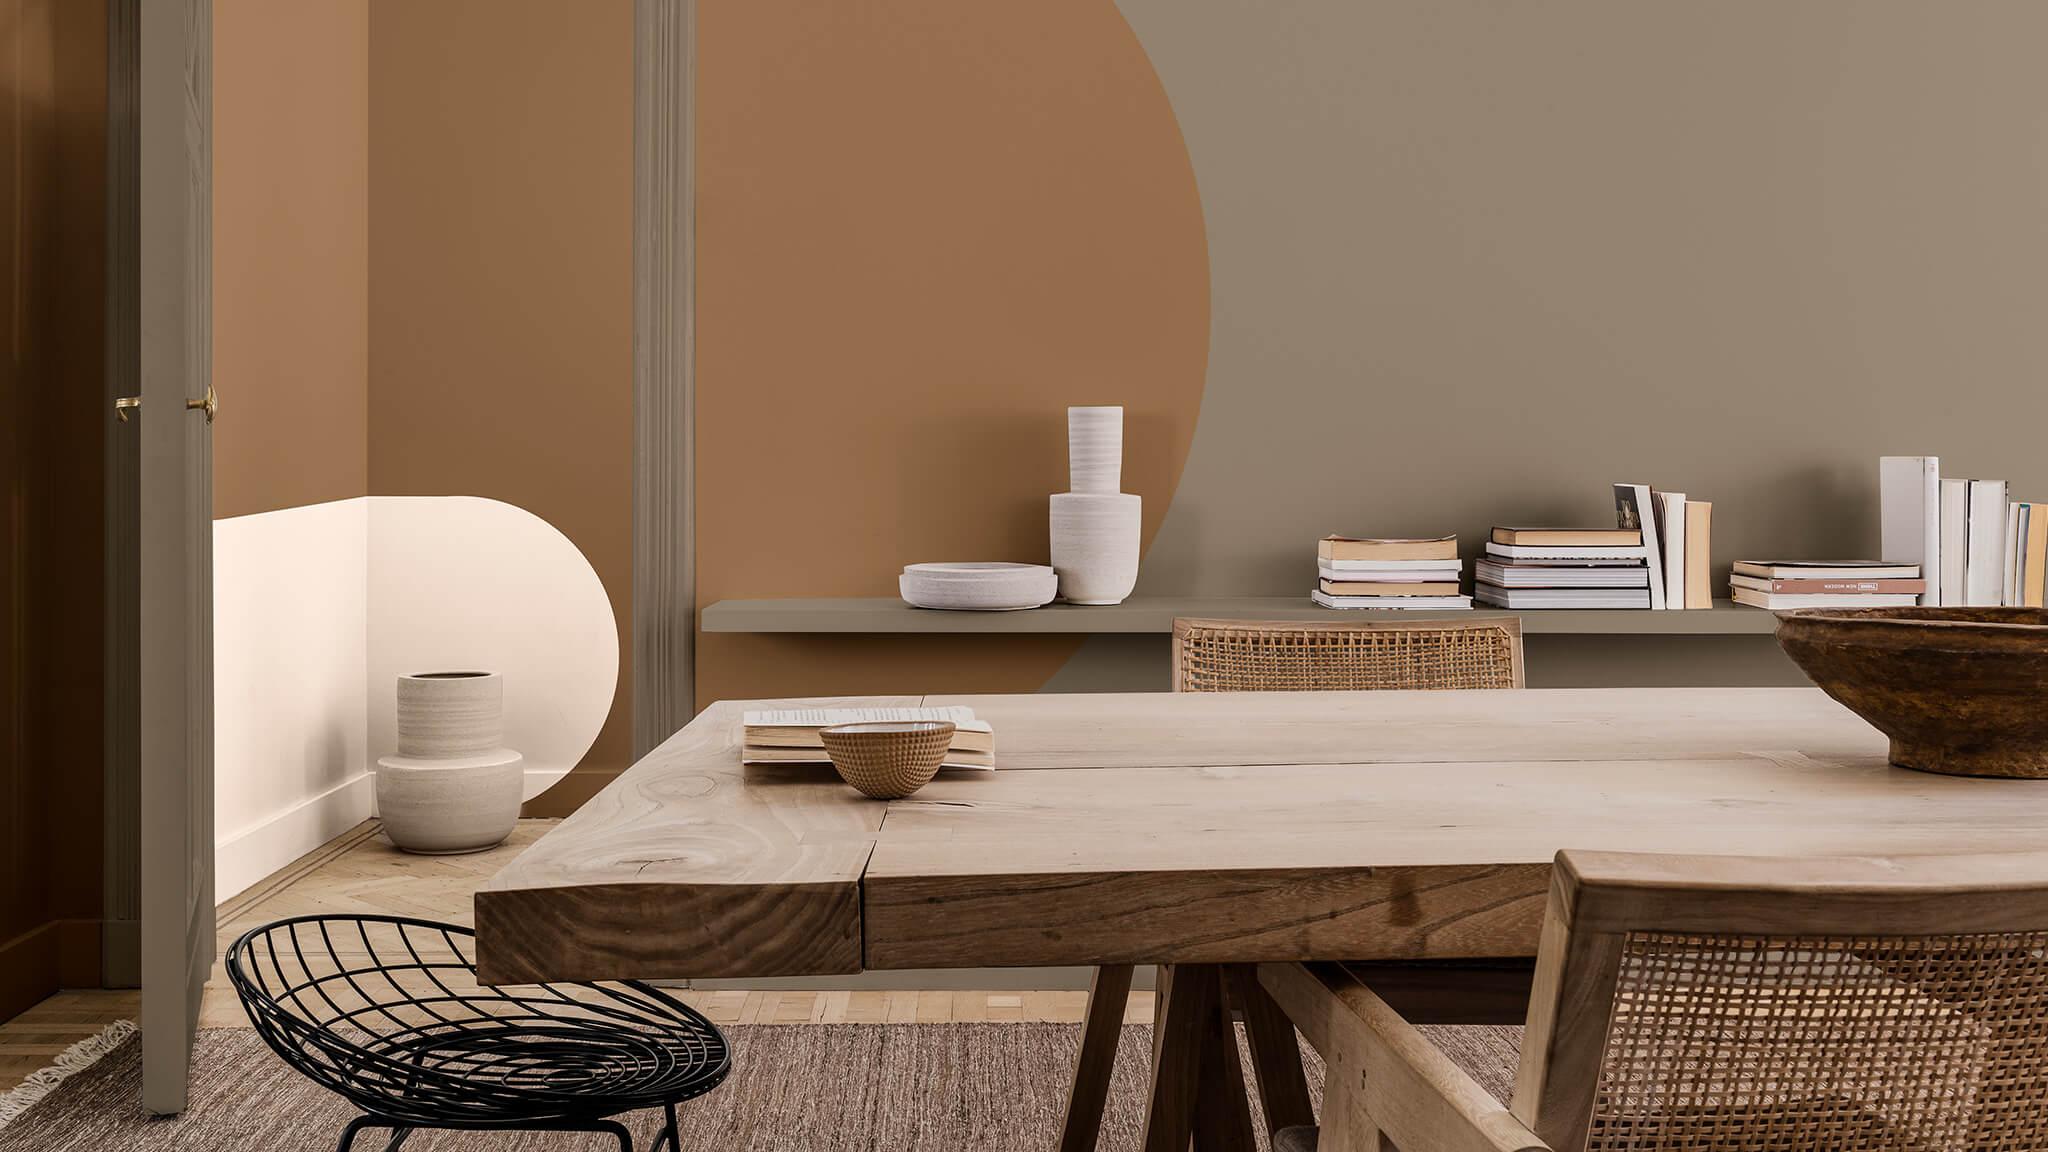 Eetkamer met grafisch geverfde bogen in crème en muren in bruin